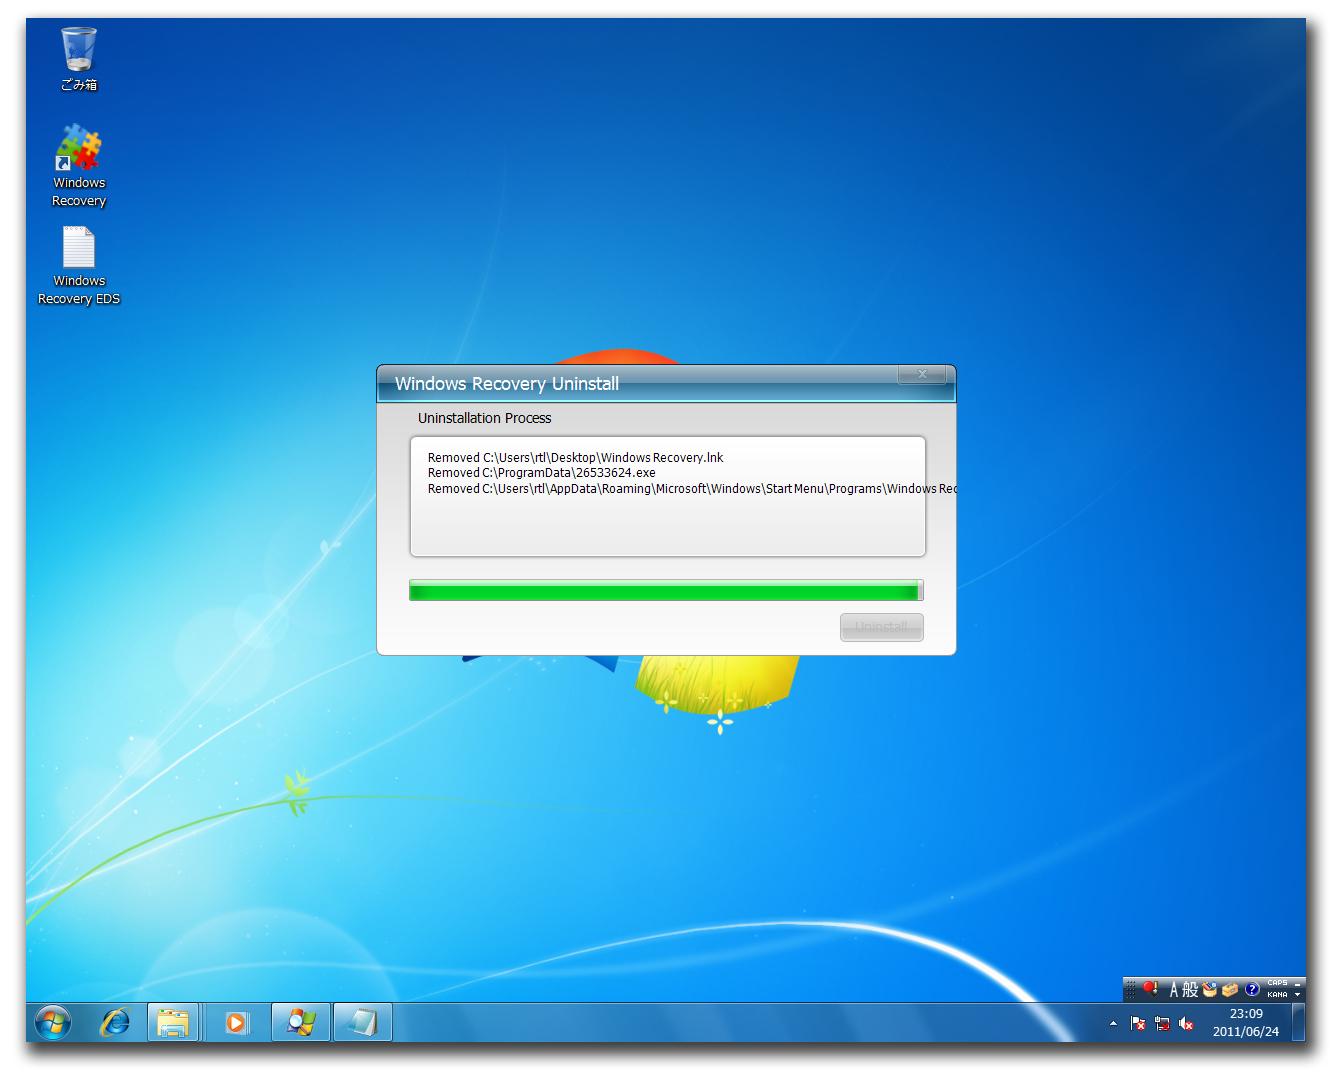 図7:「Windows Recovery」アンインストール中の画面